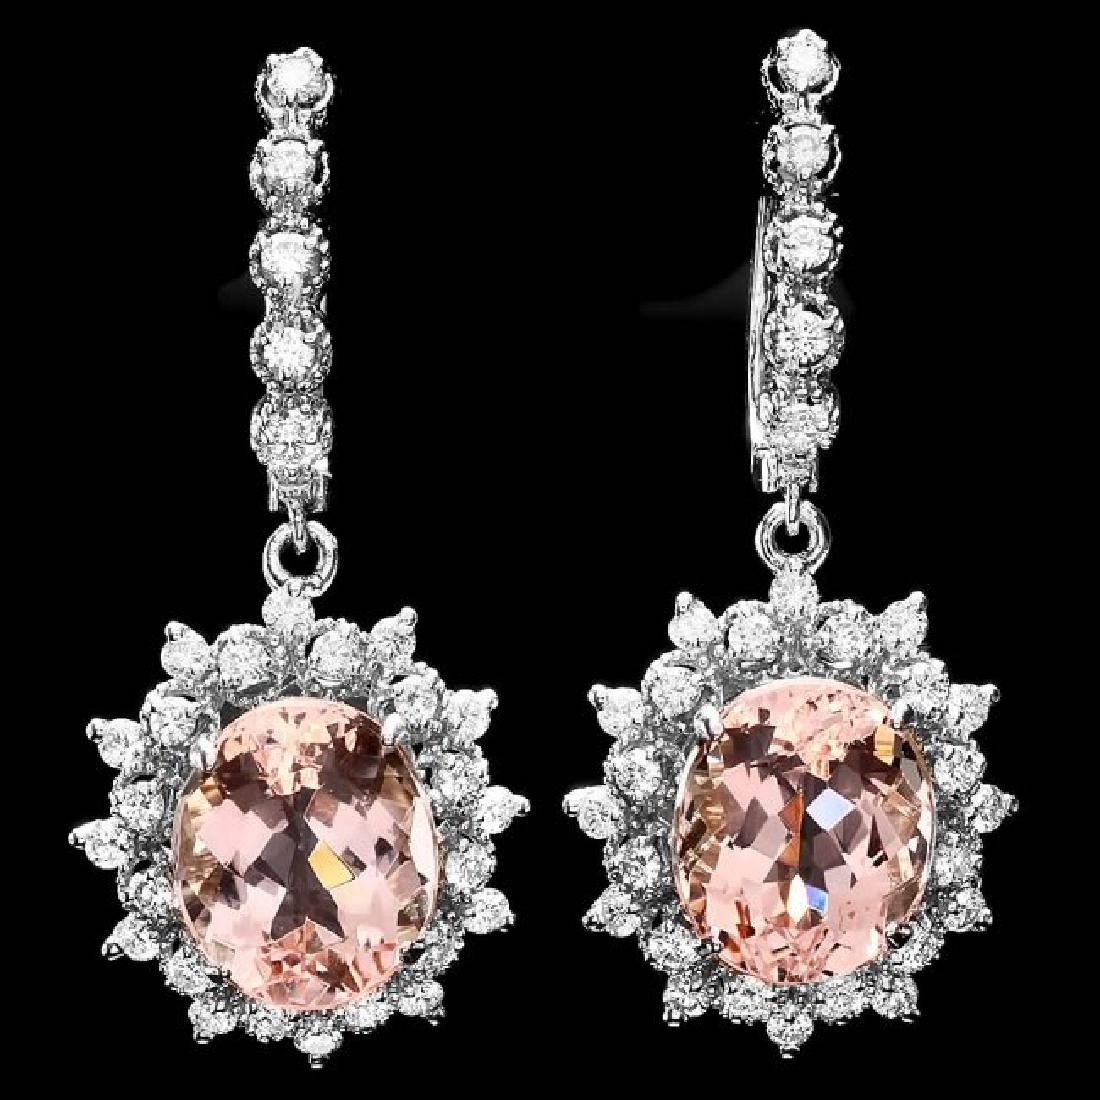 14k Gold 10ct Morganite 1.5ct Diamond Earrings